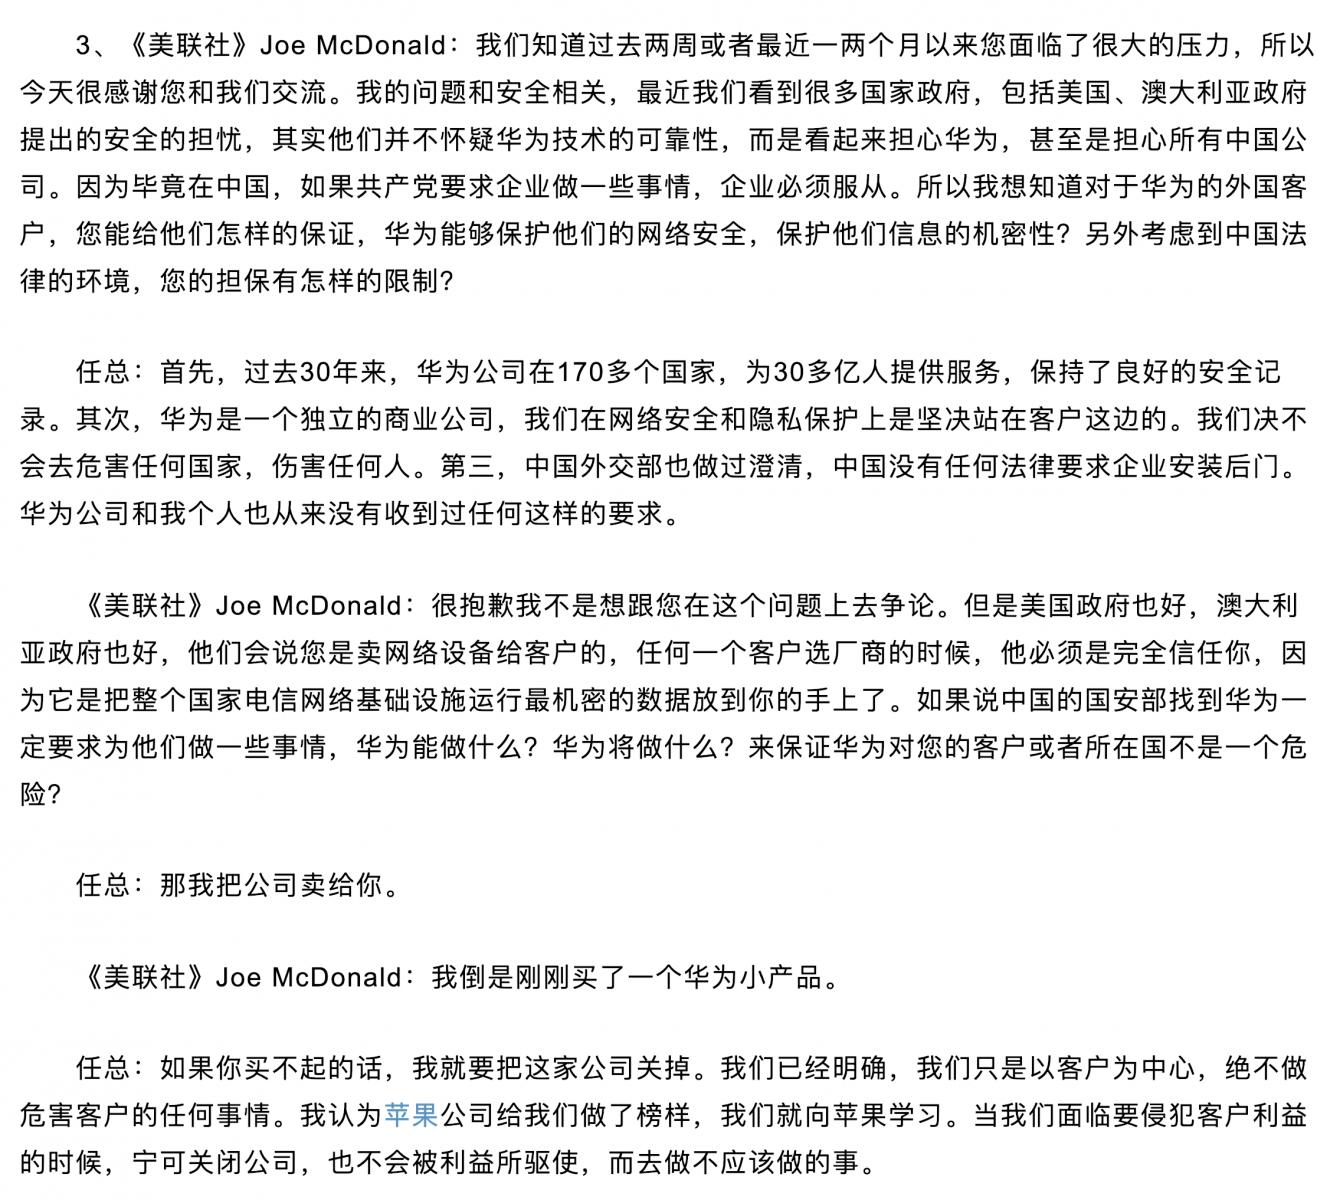 西方国家怀疑华为不是独立商业公司_图1-1